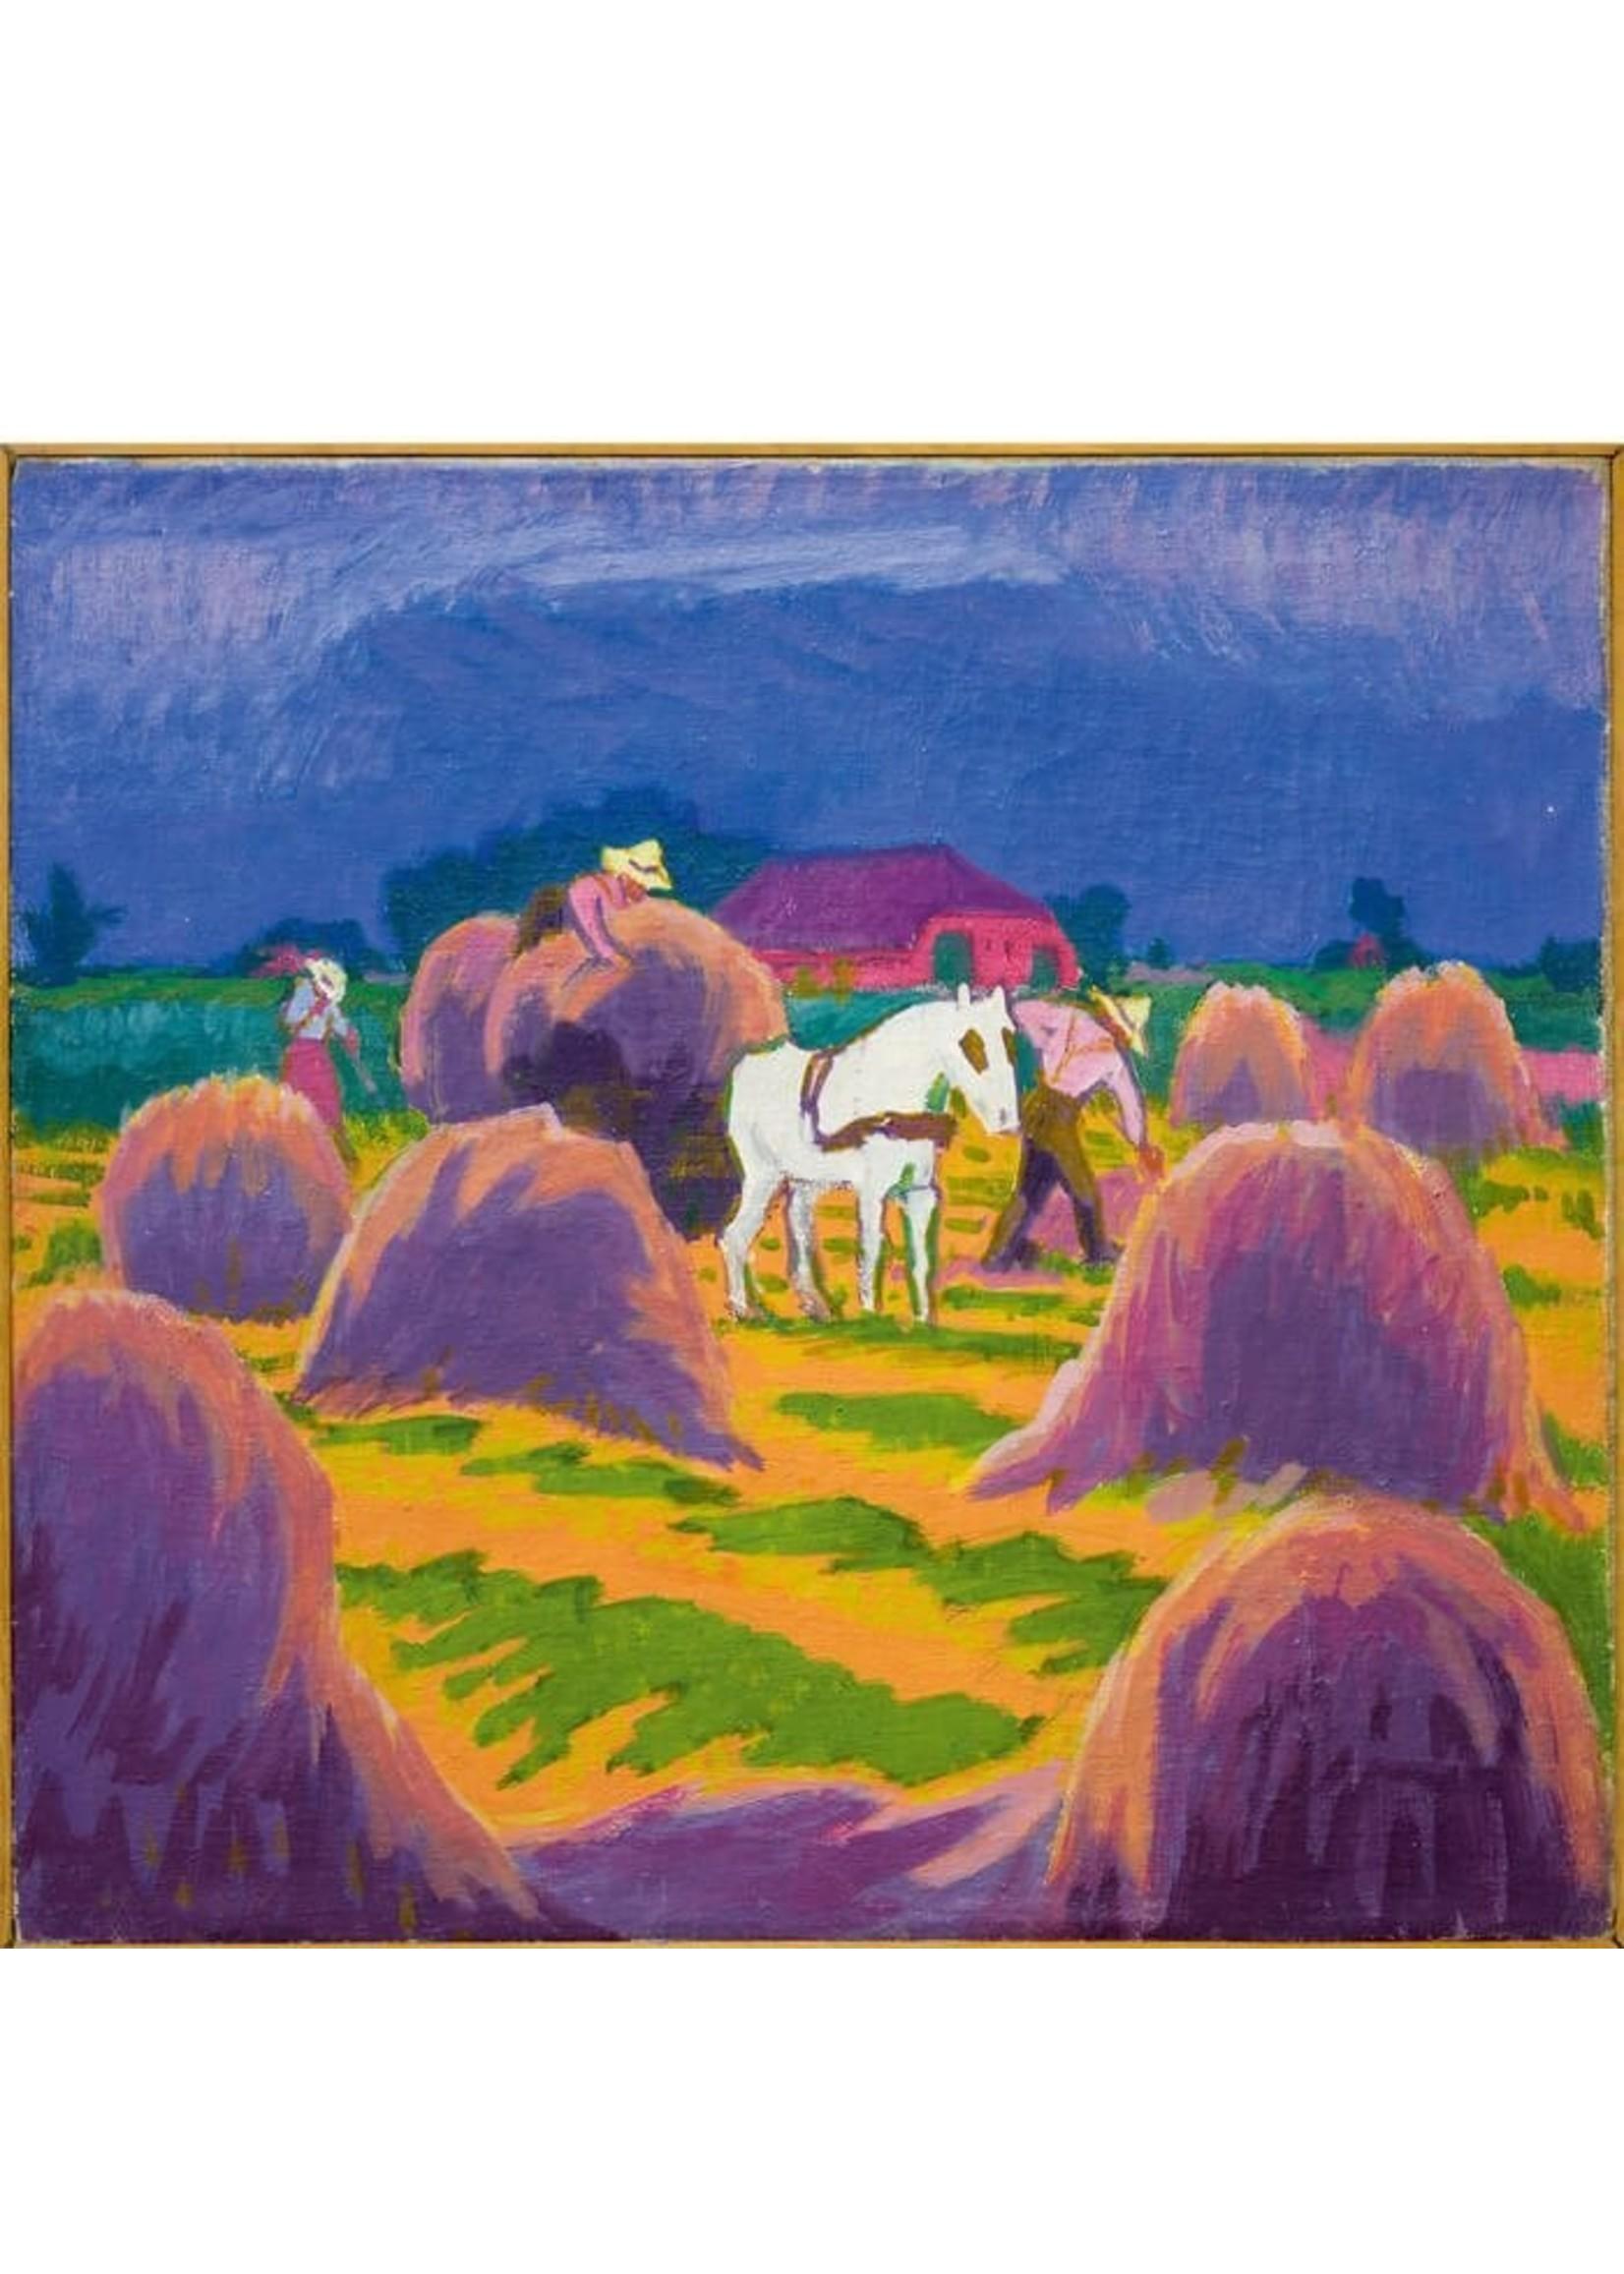 De schilders van de Ploeg